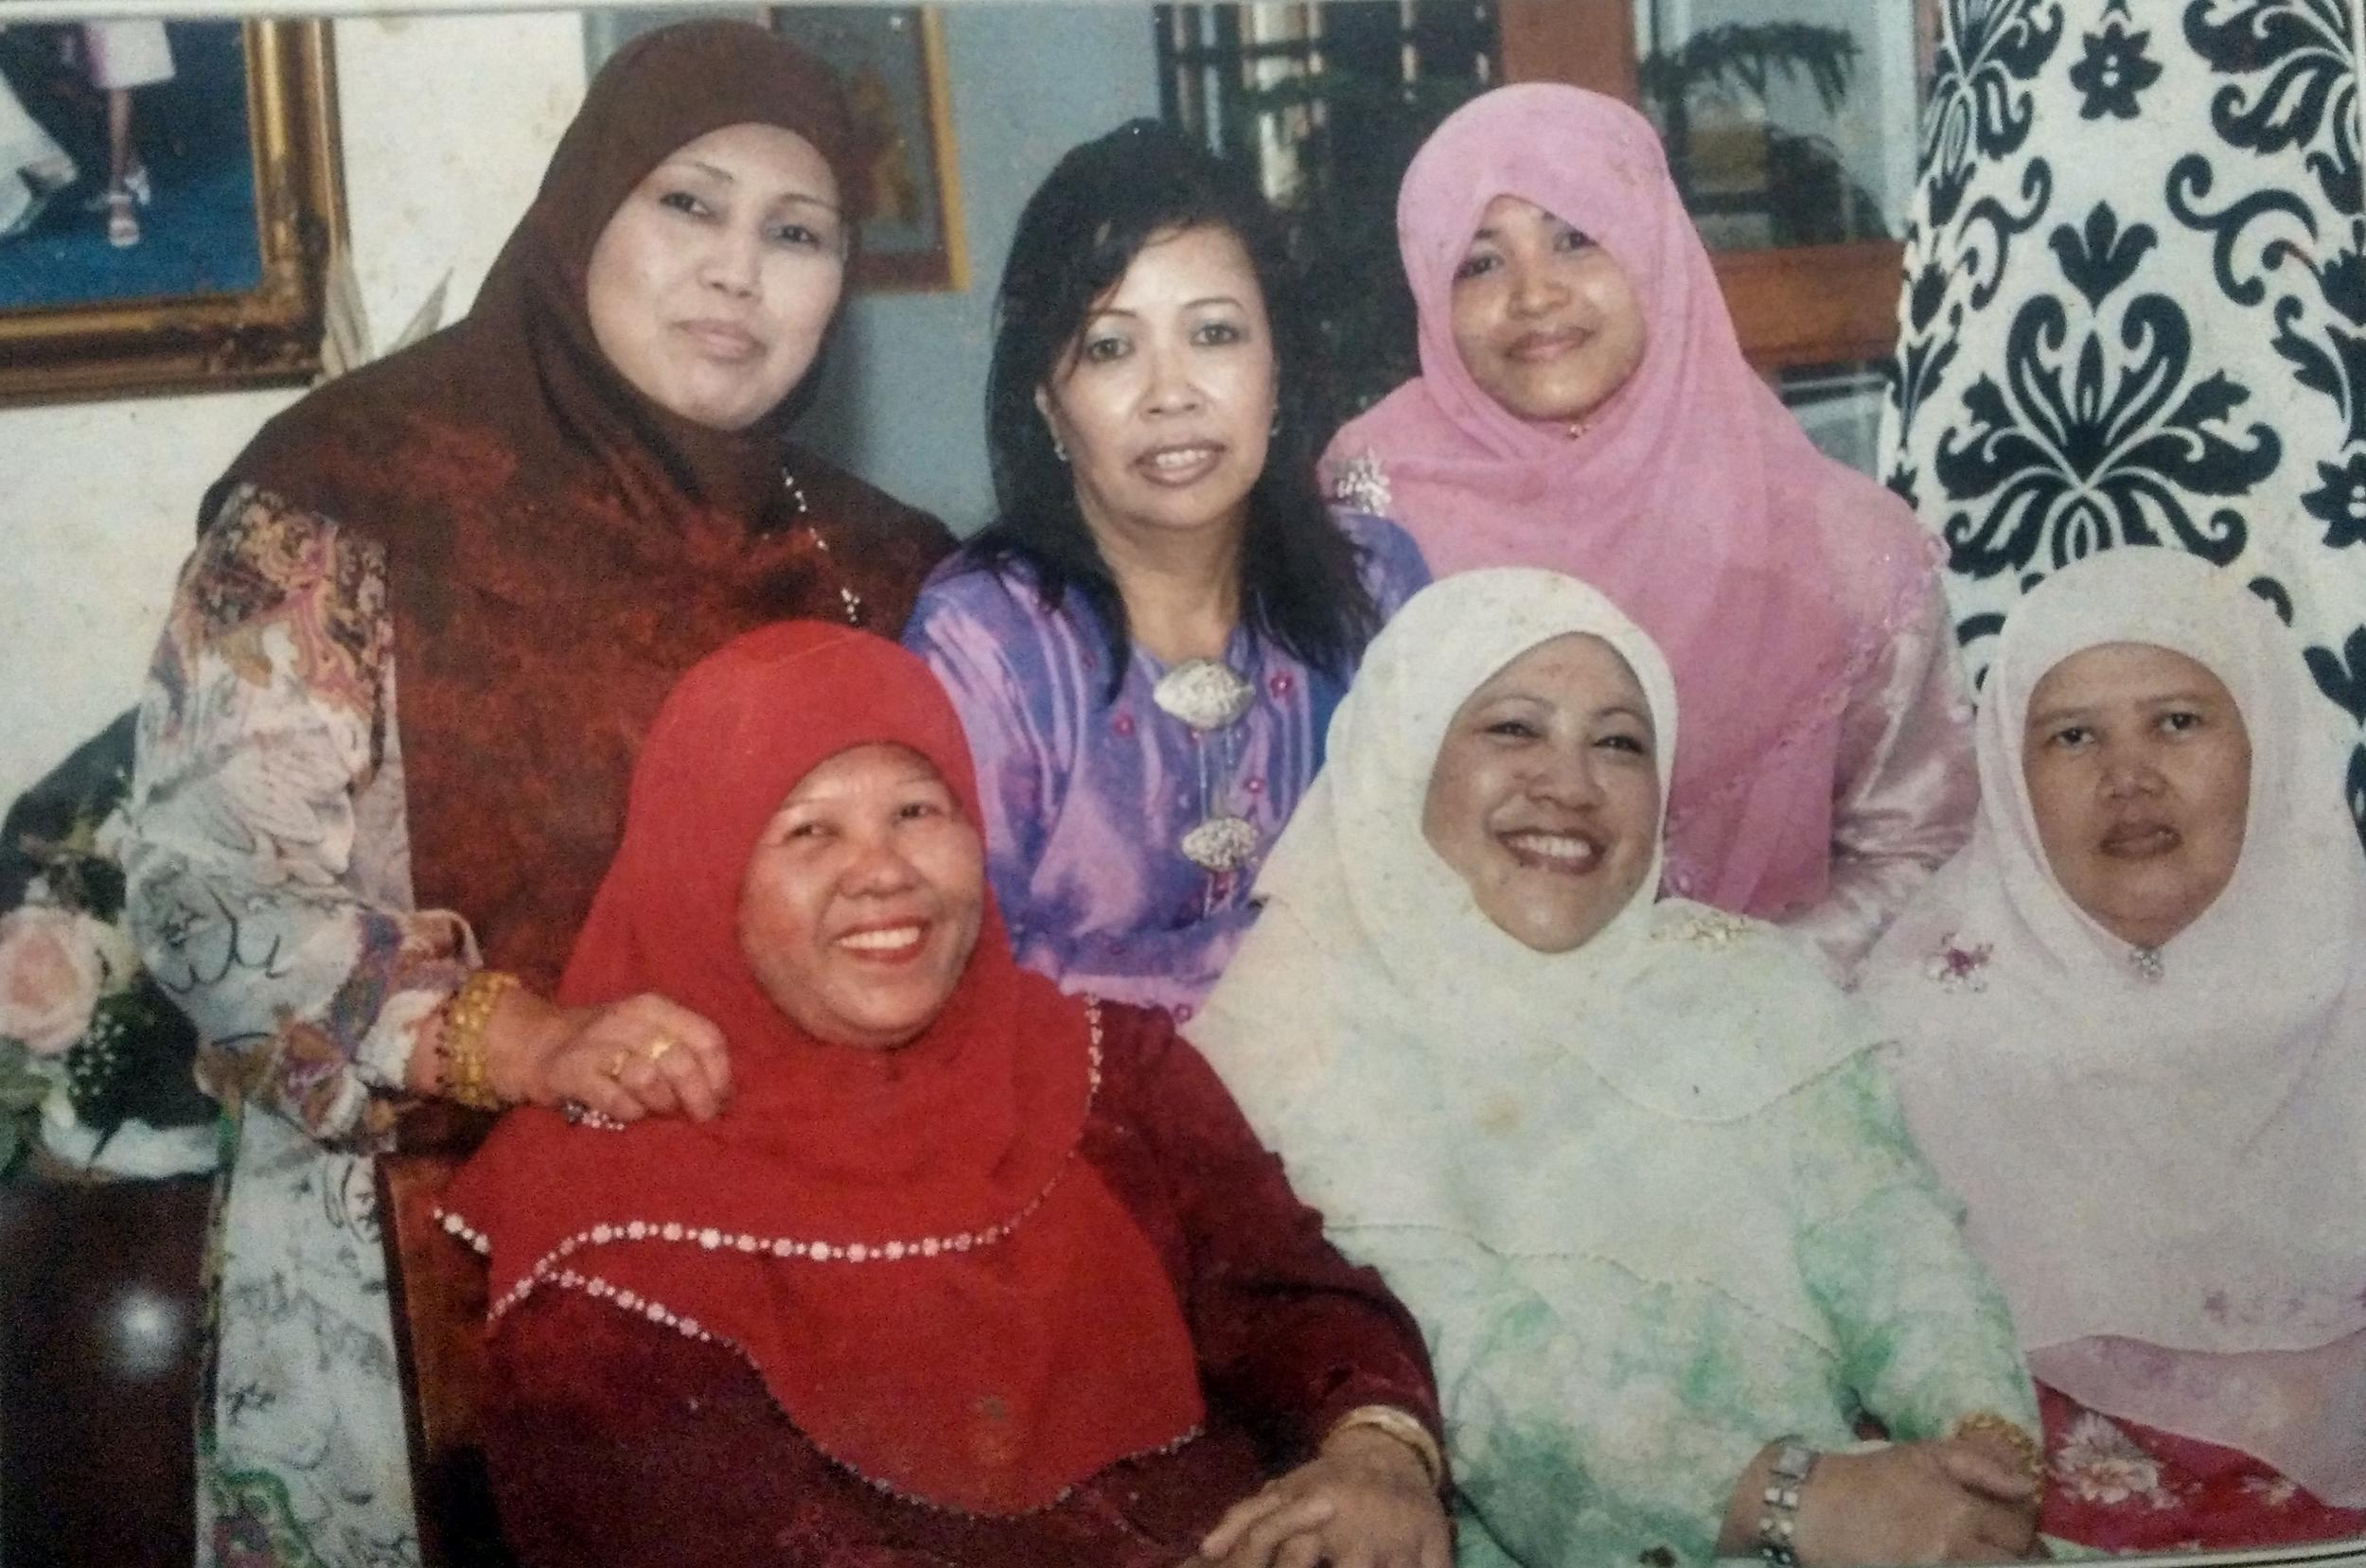 Nenek Faridah in red.